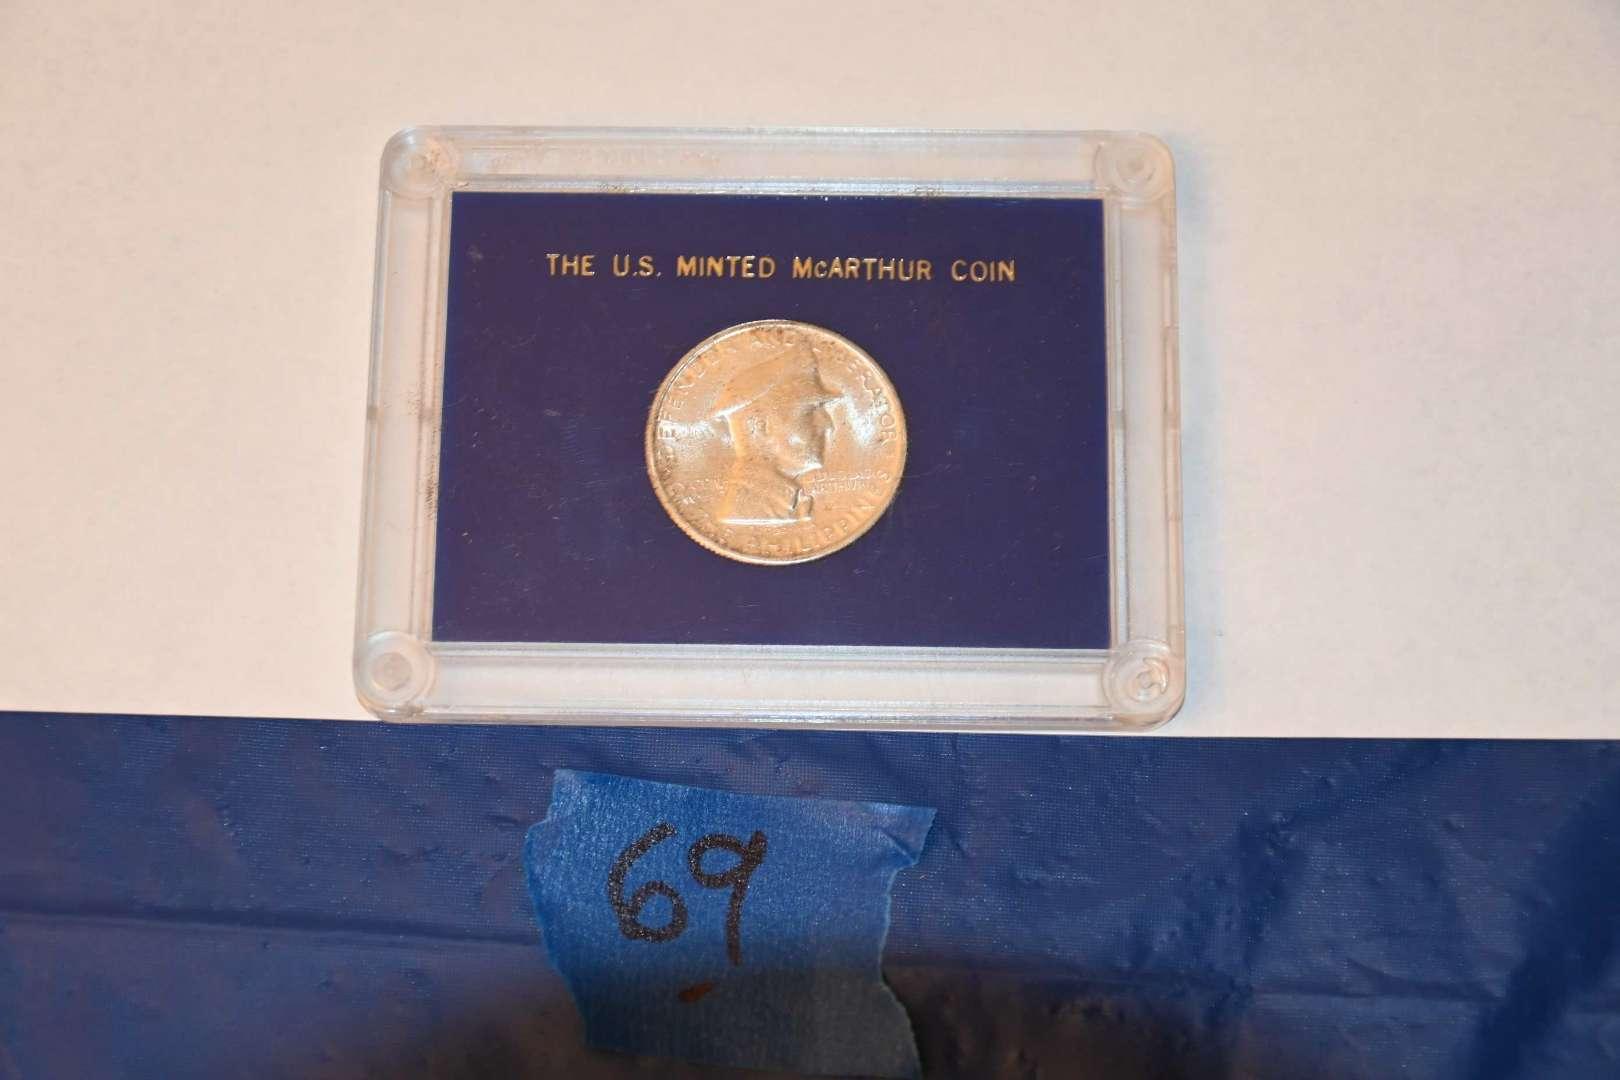 Lot # 69 1947 McArthur coin 90% silver with COA